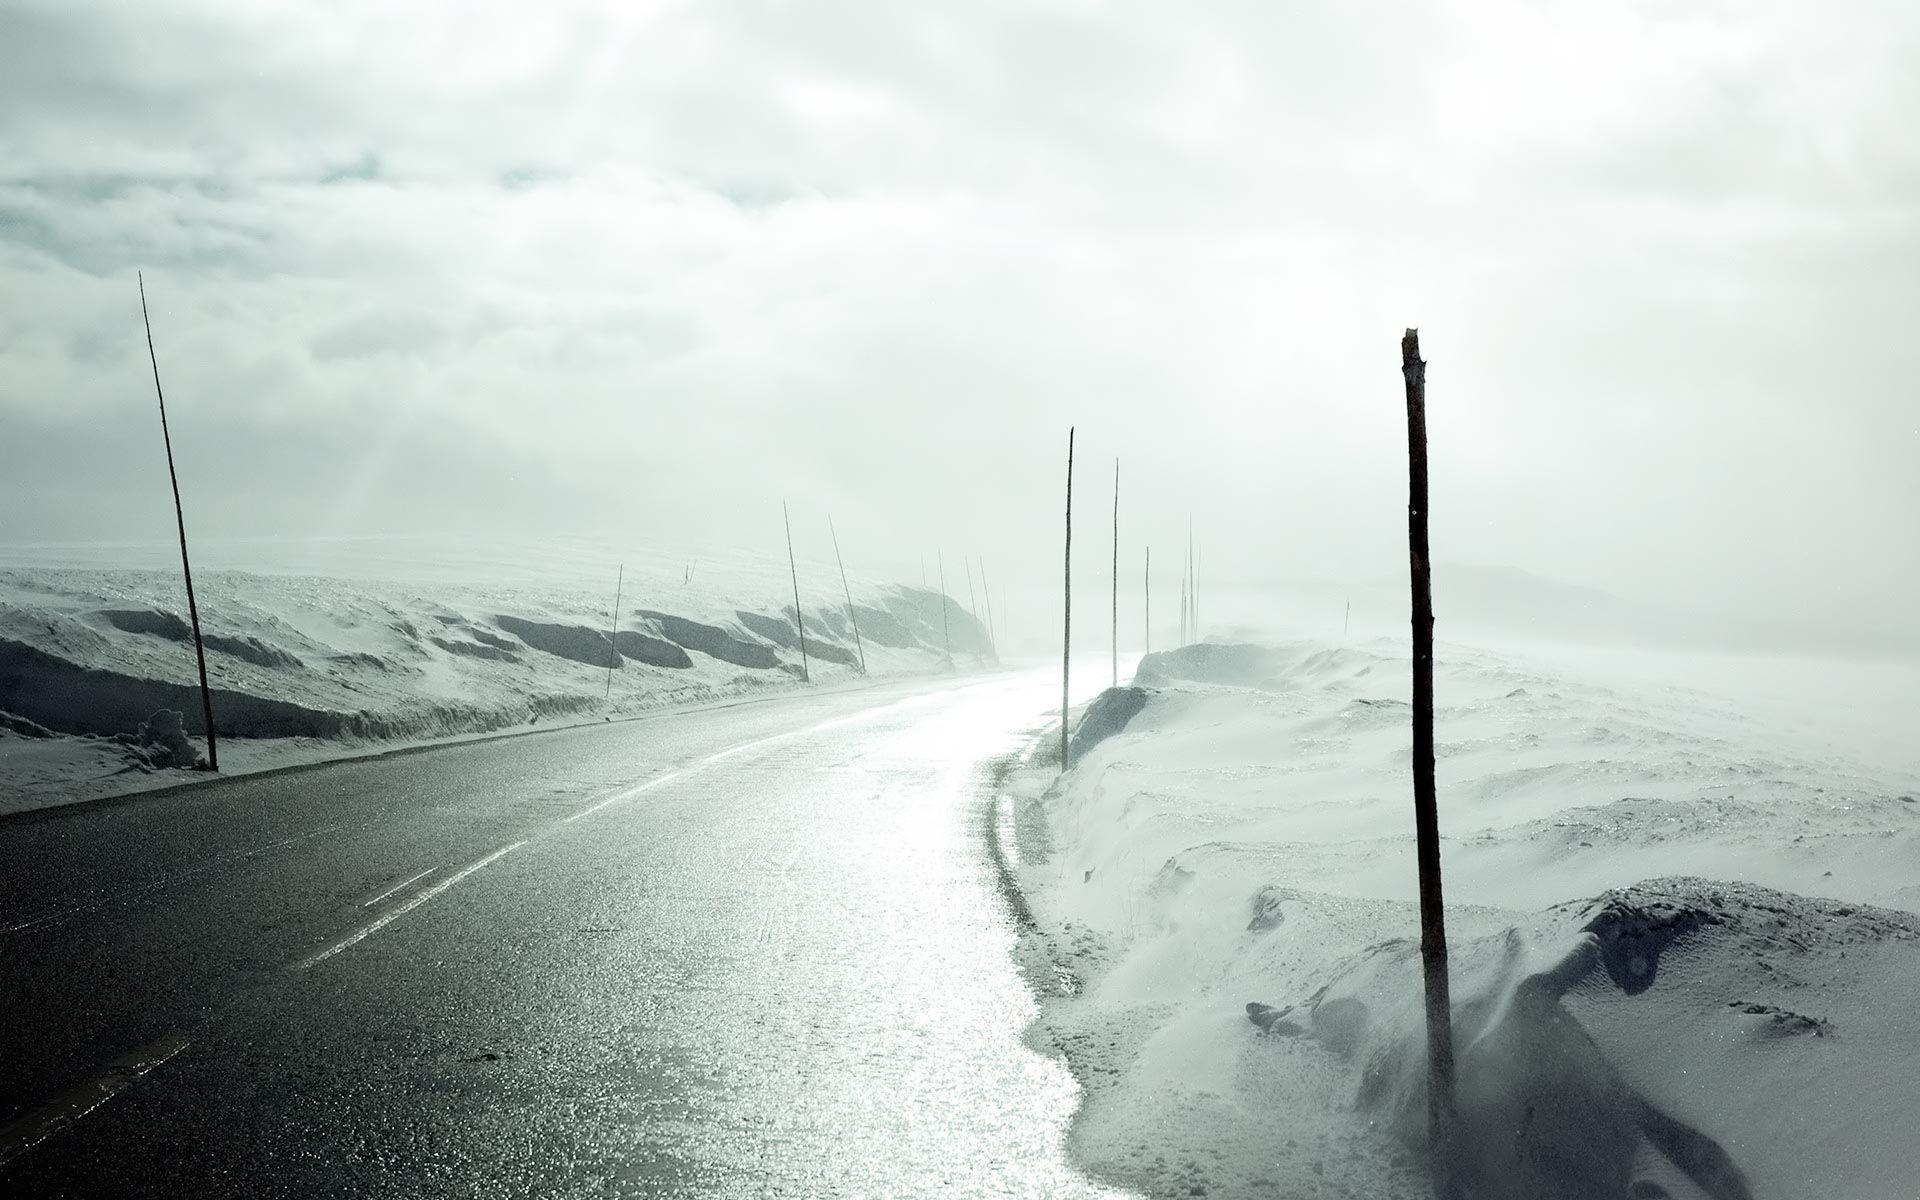 Widescreen HD Wallpaper > Nature / Flowers > Winter road Widescreen wallpaper